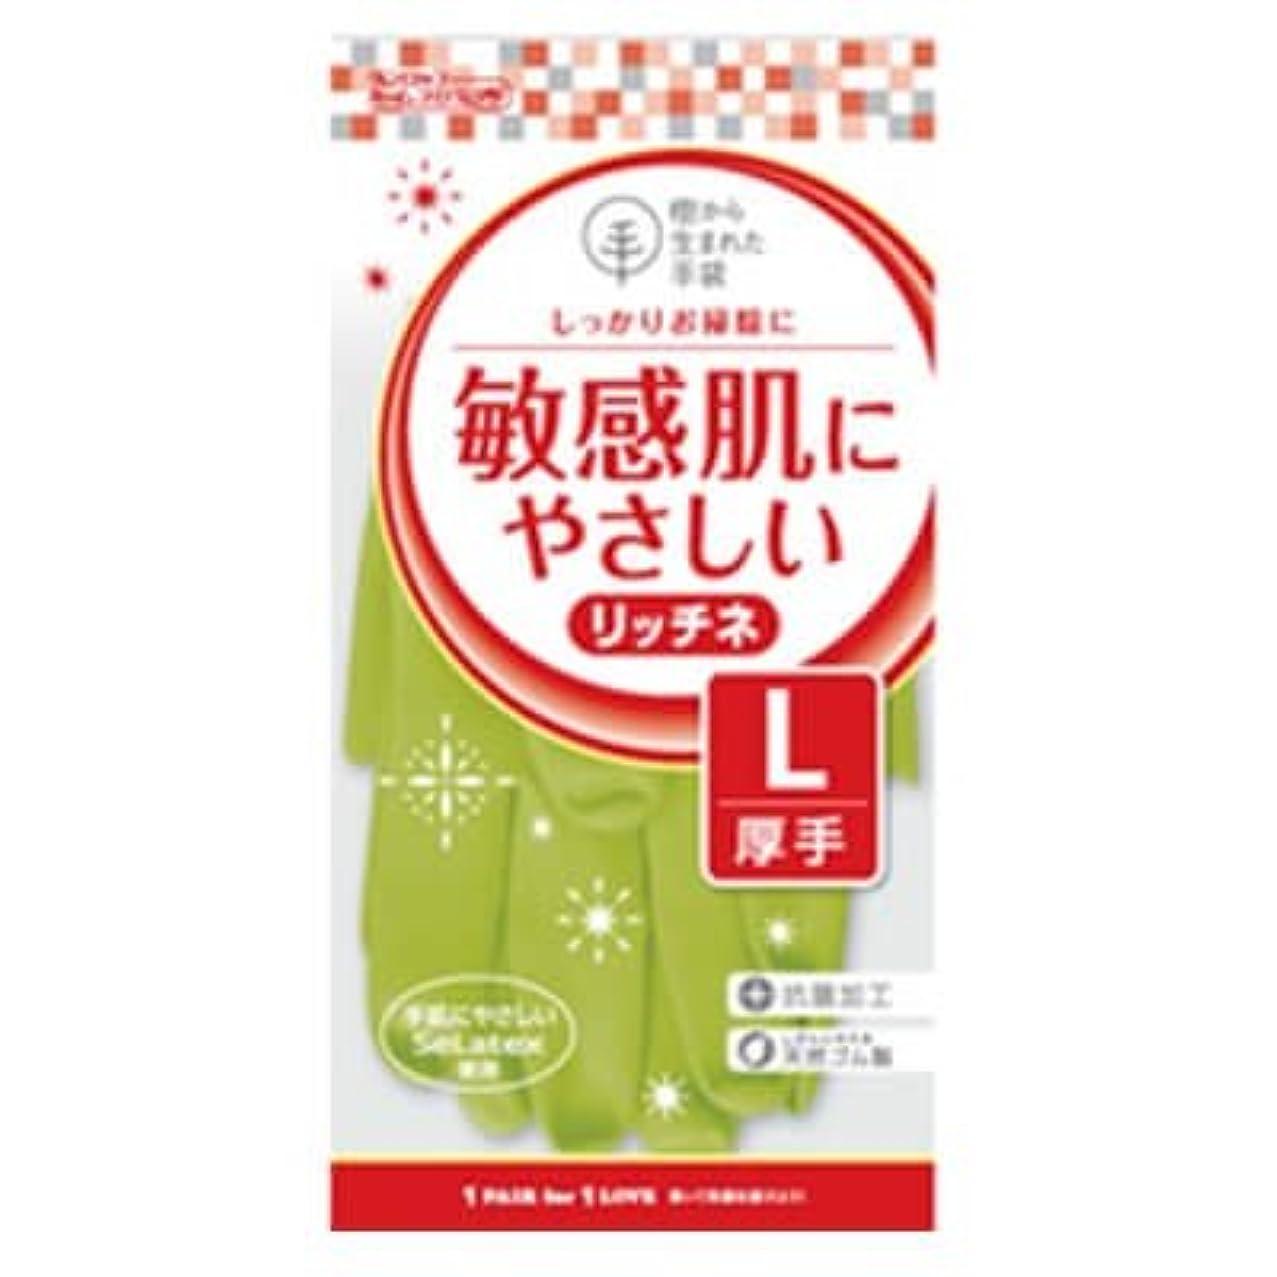 刈り取る葡萄変色する【ケース販売】 ダンロップ 敏感肌にやさしい リッチネ 厚手 L グリーン (10双×12袋)